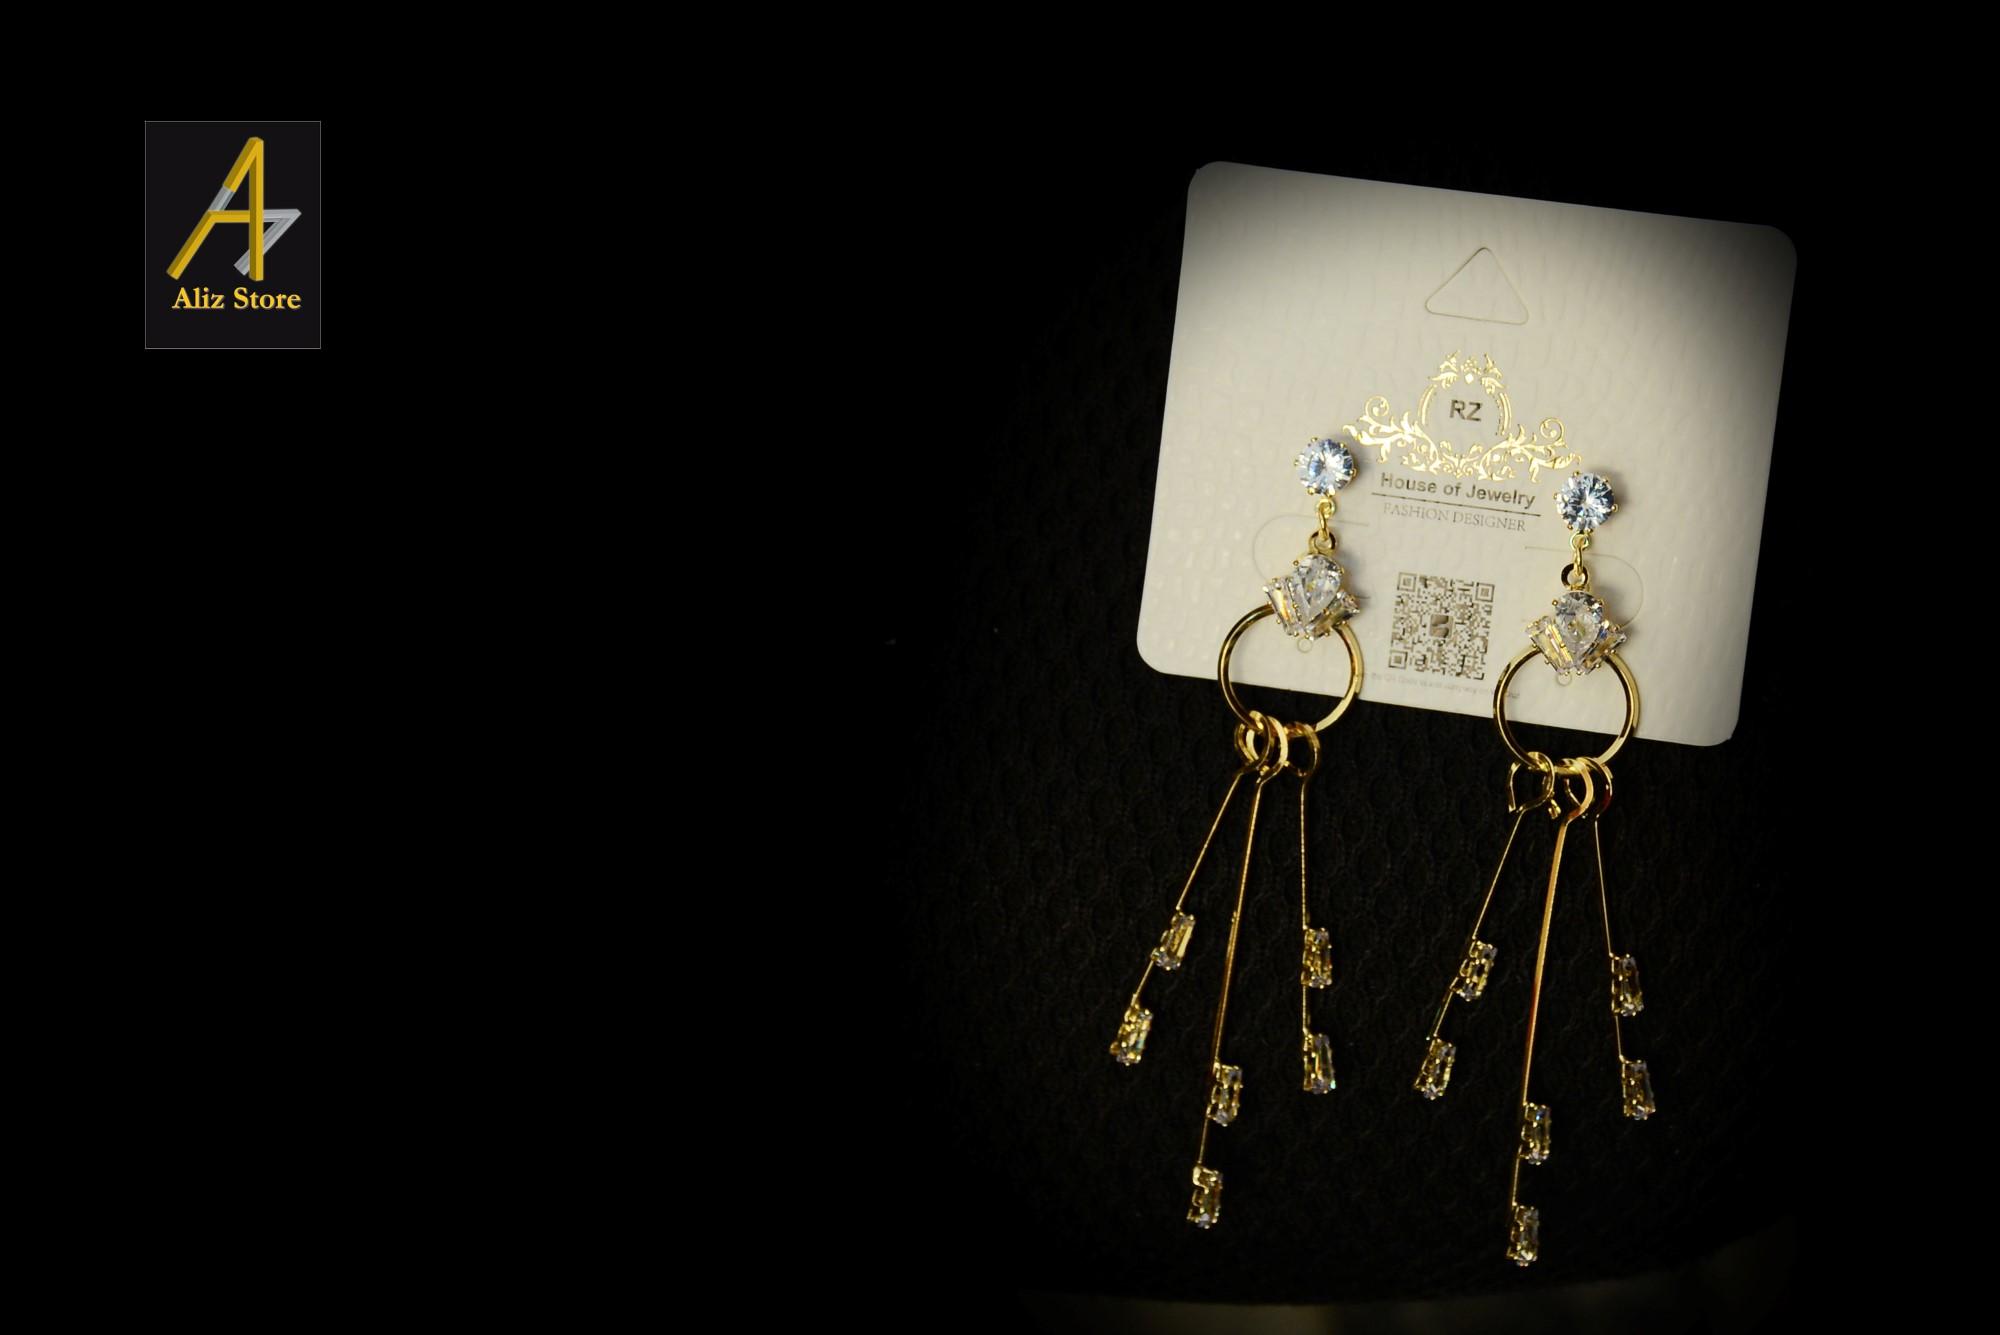 New keys style earrings drop earrings earrings for girls earrings for women fashion jewellery trending jewellery